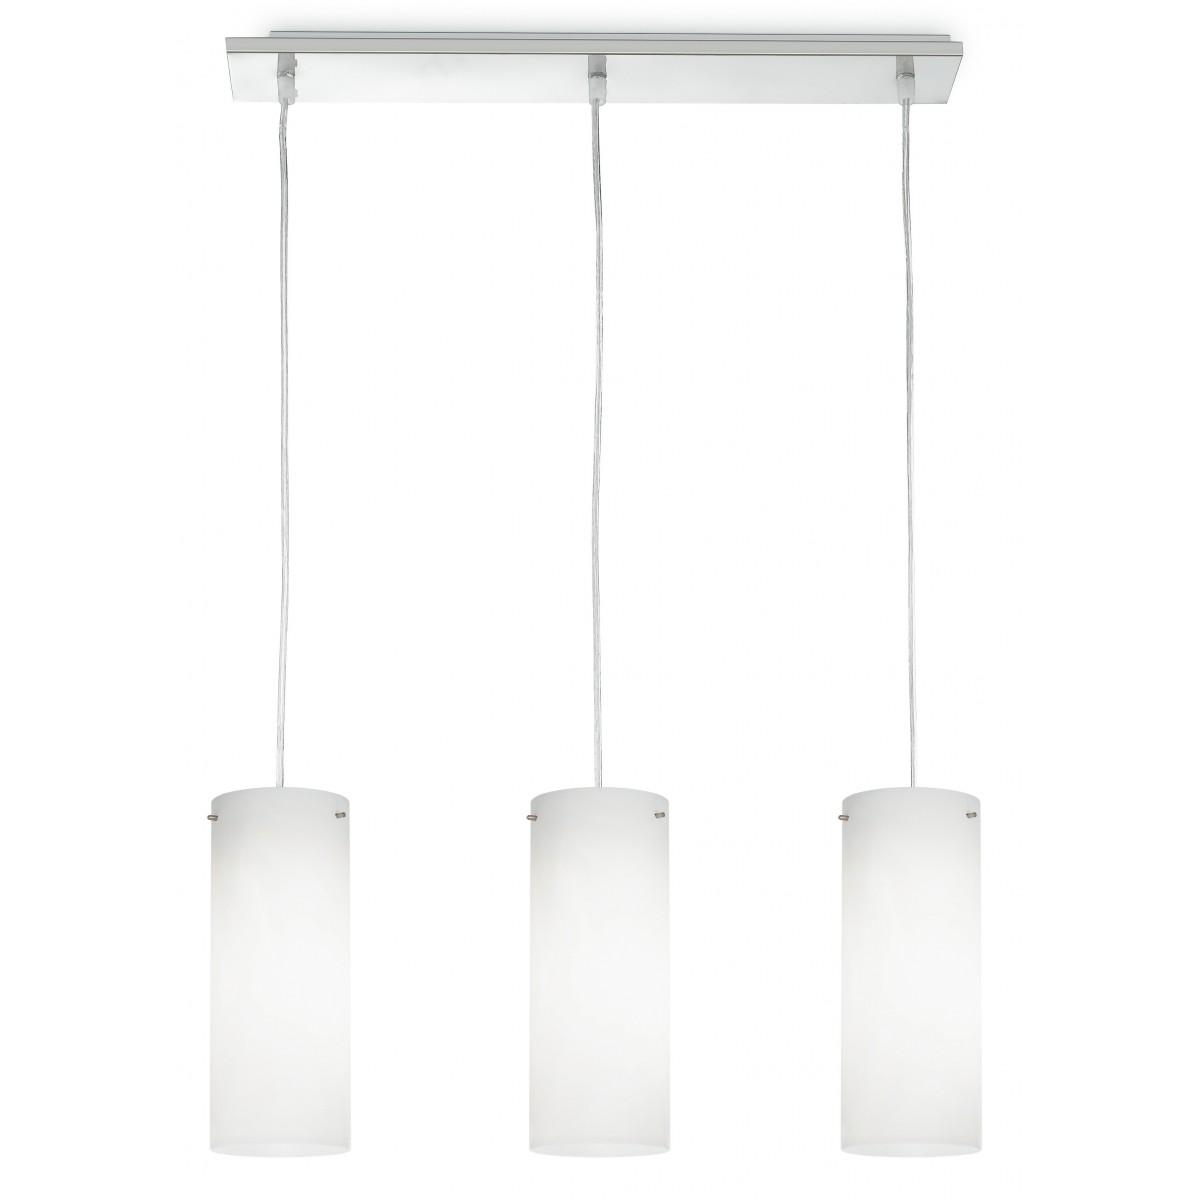 I-STREET/S3 - Lampadario Metallo 3 Sospensioni Cilindiriche Vetro Bianco Moderno E27